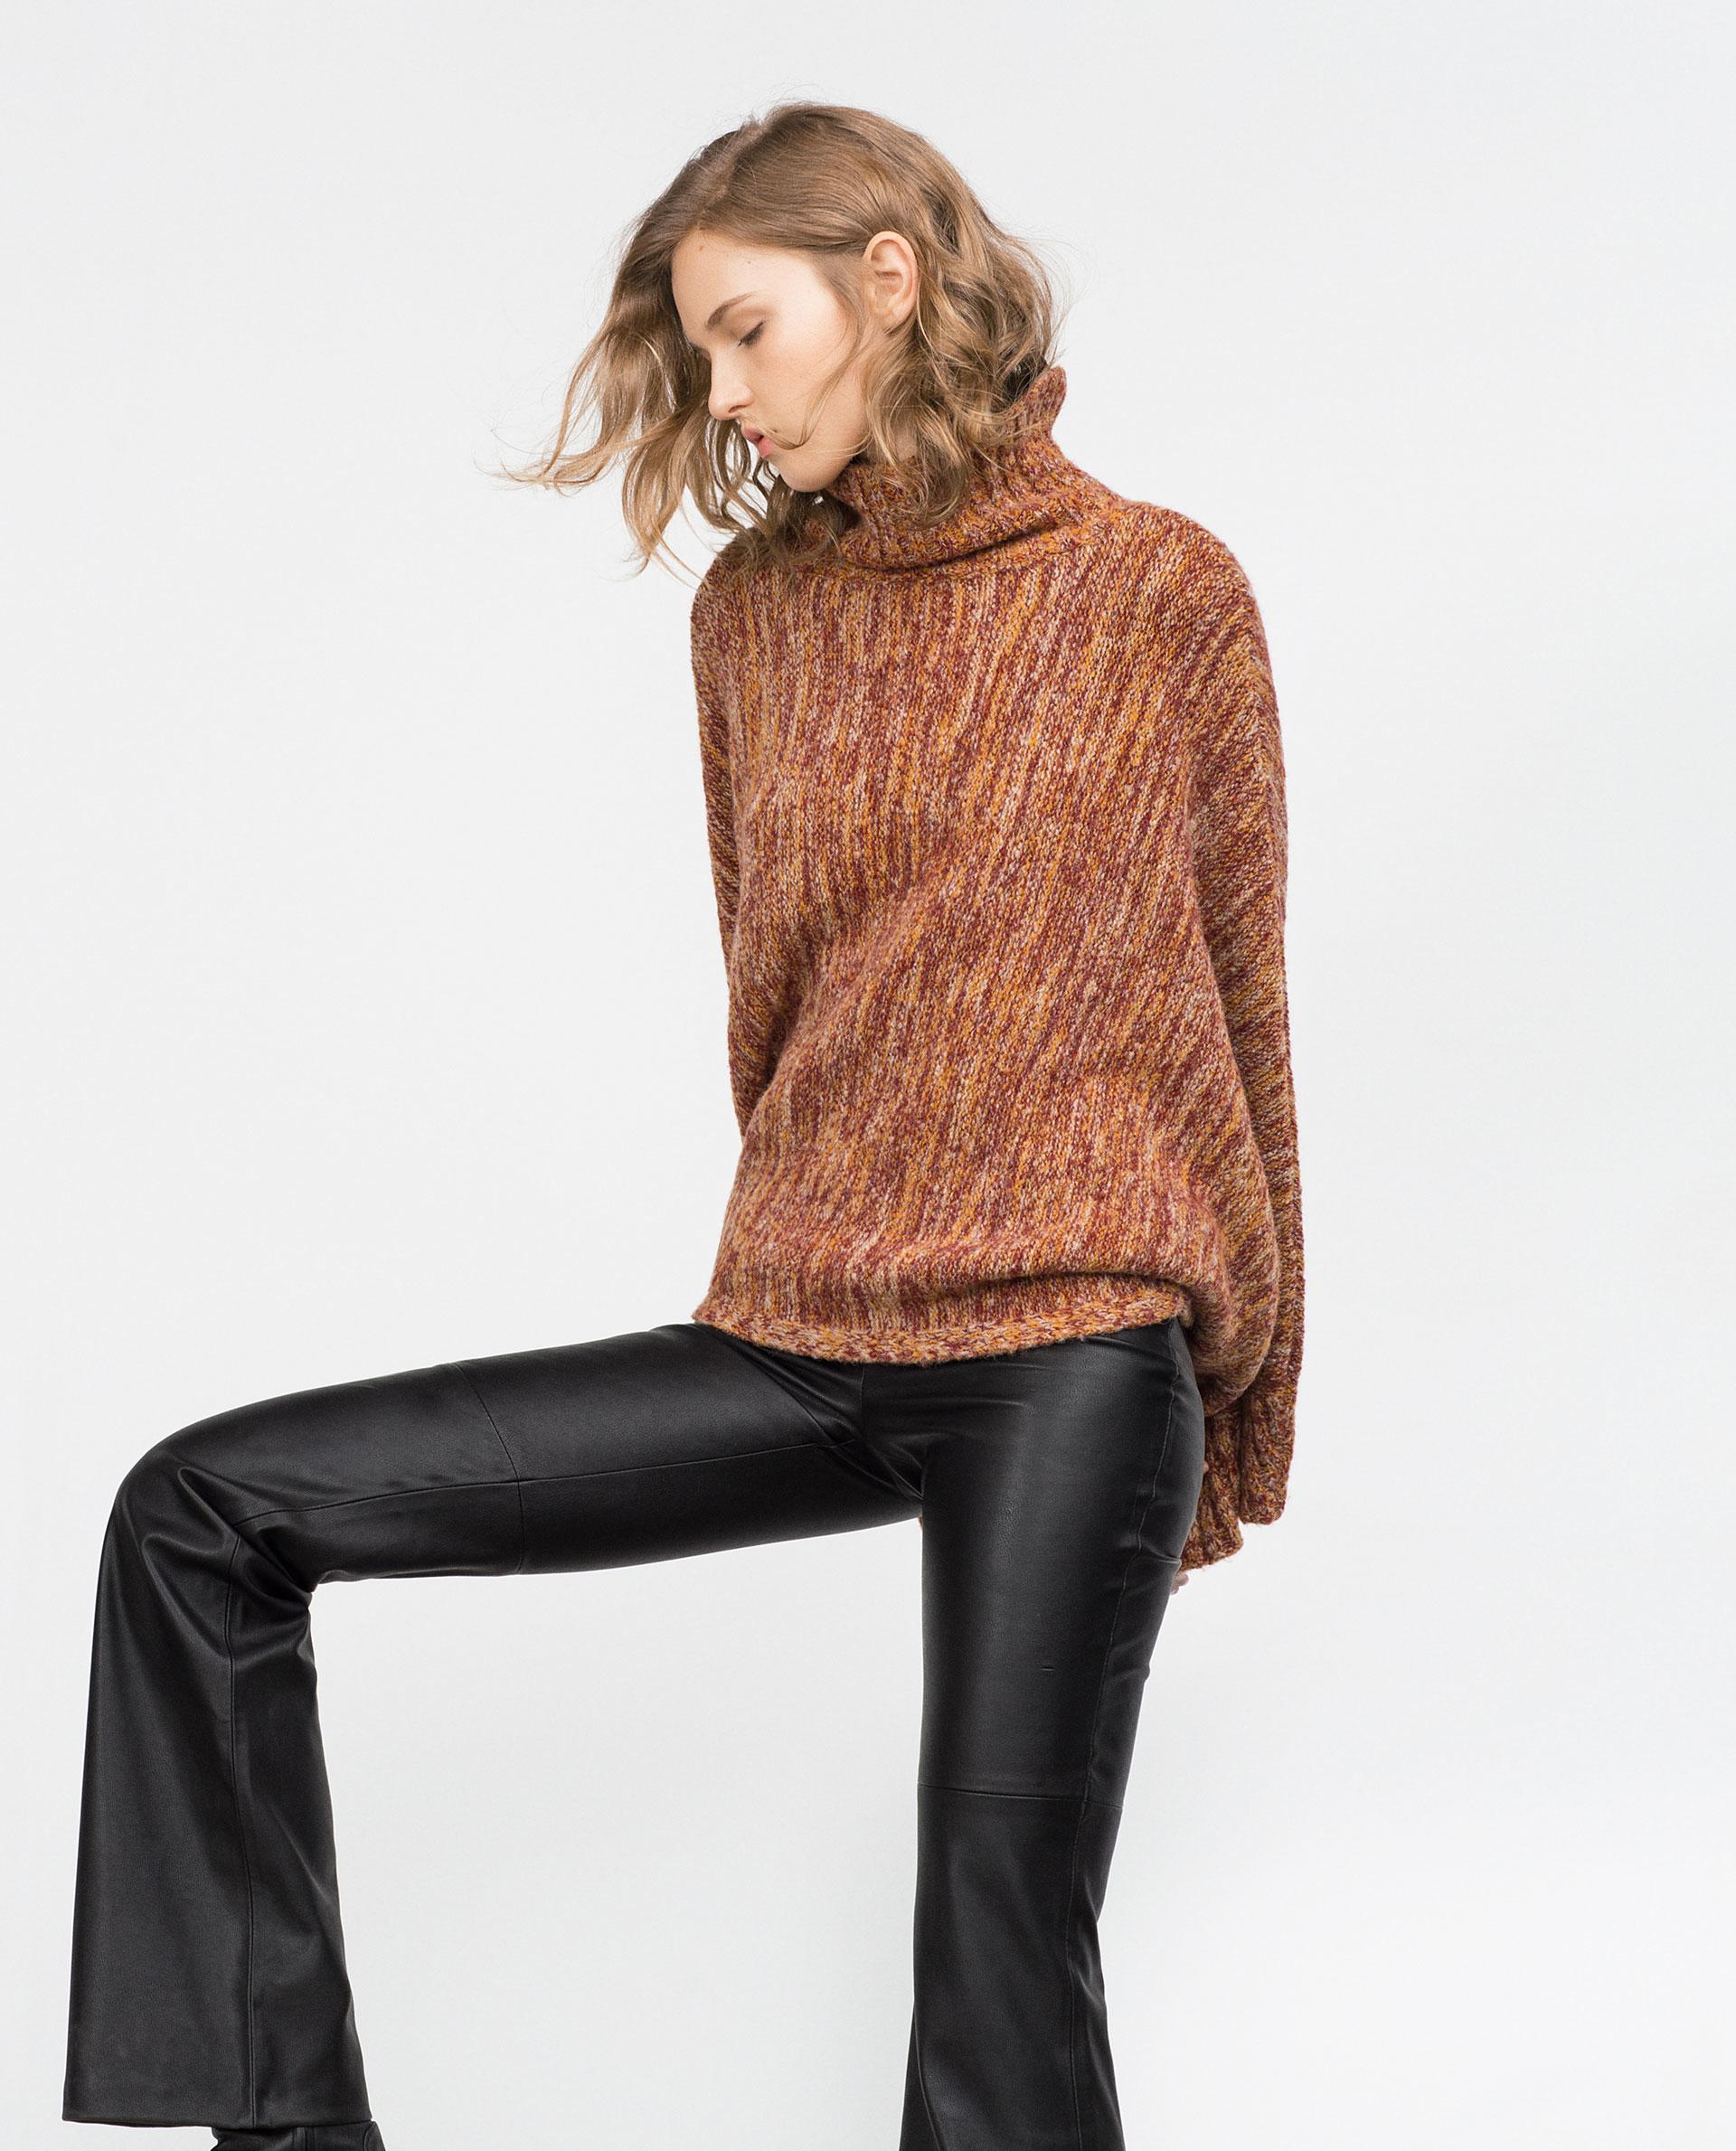 Unique Women39s Faux Leather Pants Women39s Black Leather Pants